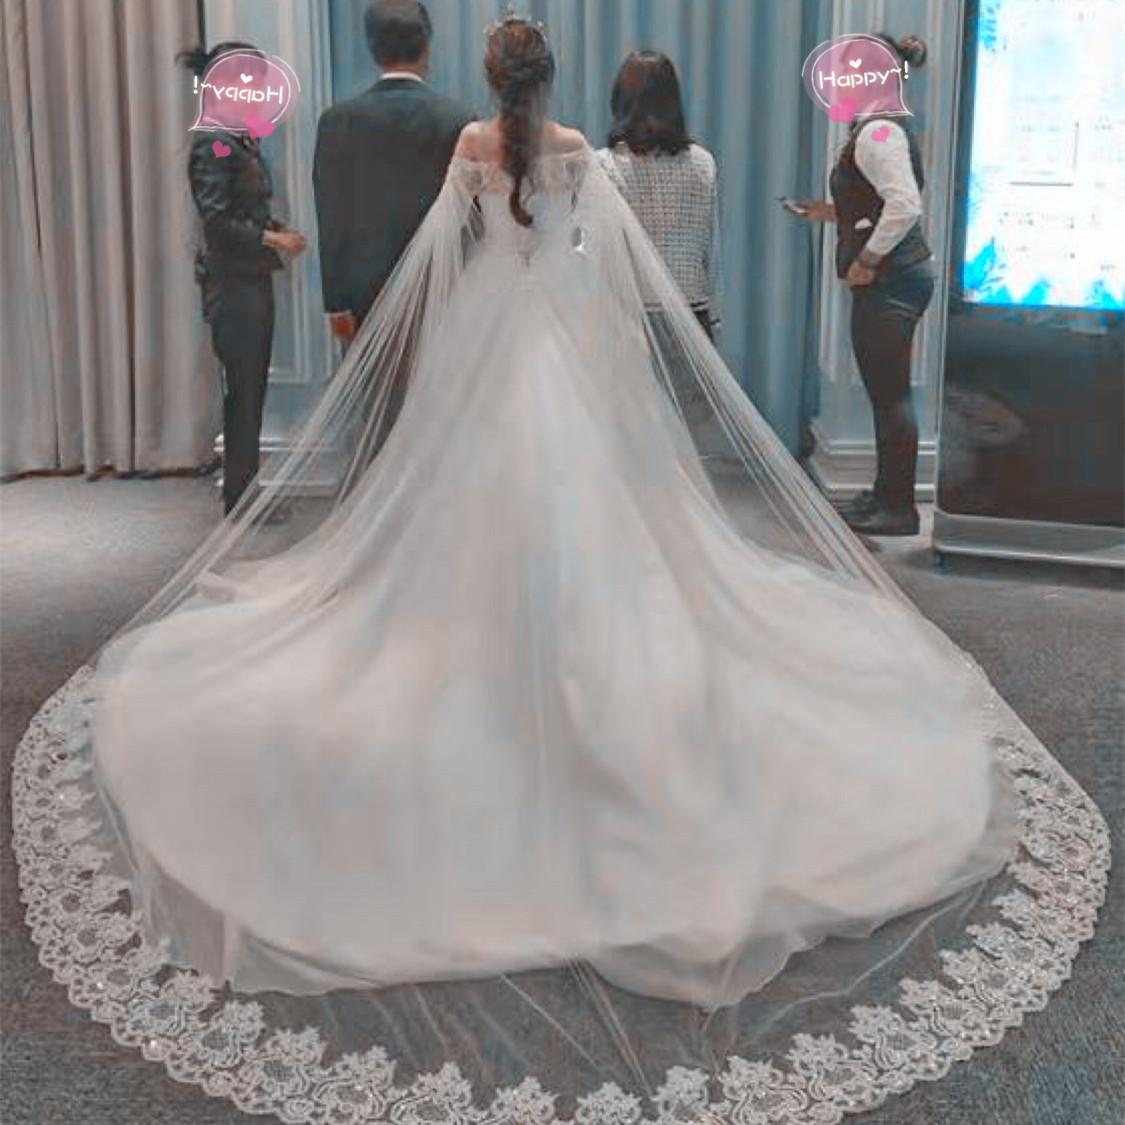 新娘结婚头纱超长新款韩式奢华披纱韩式双肩拖尾头纱婚纱新款软纱